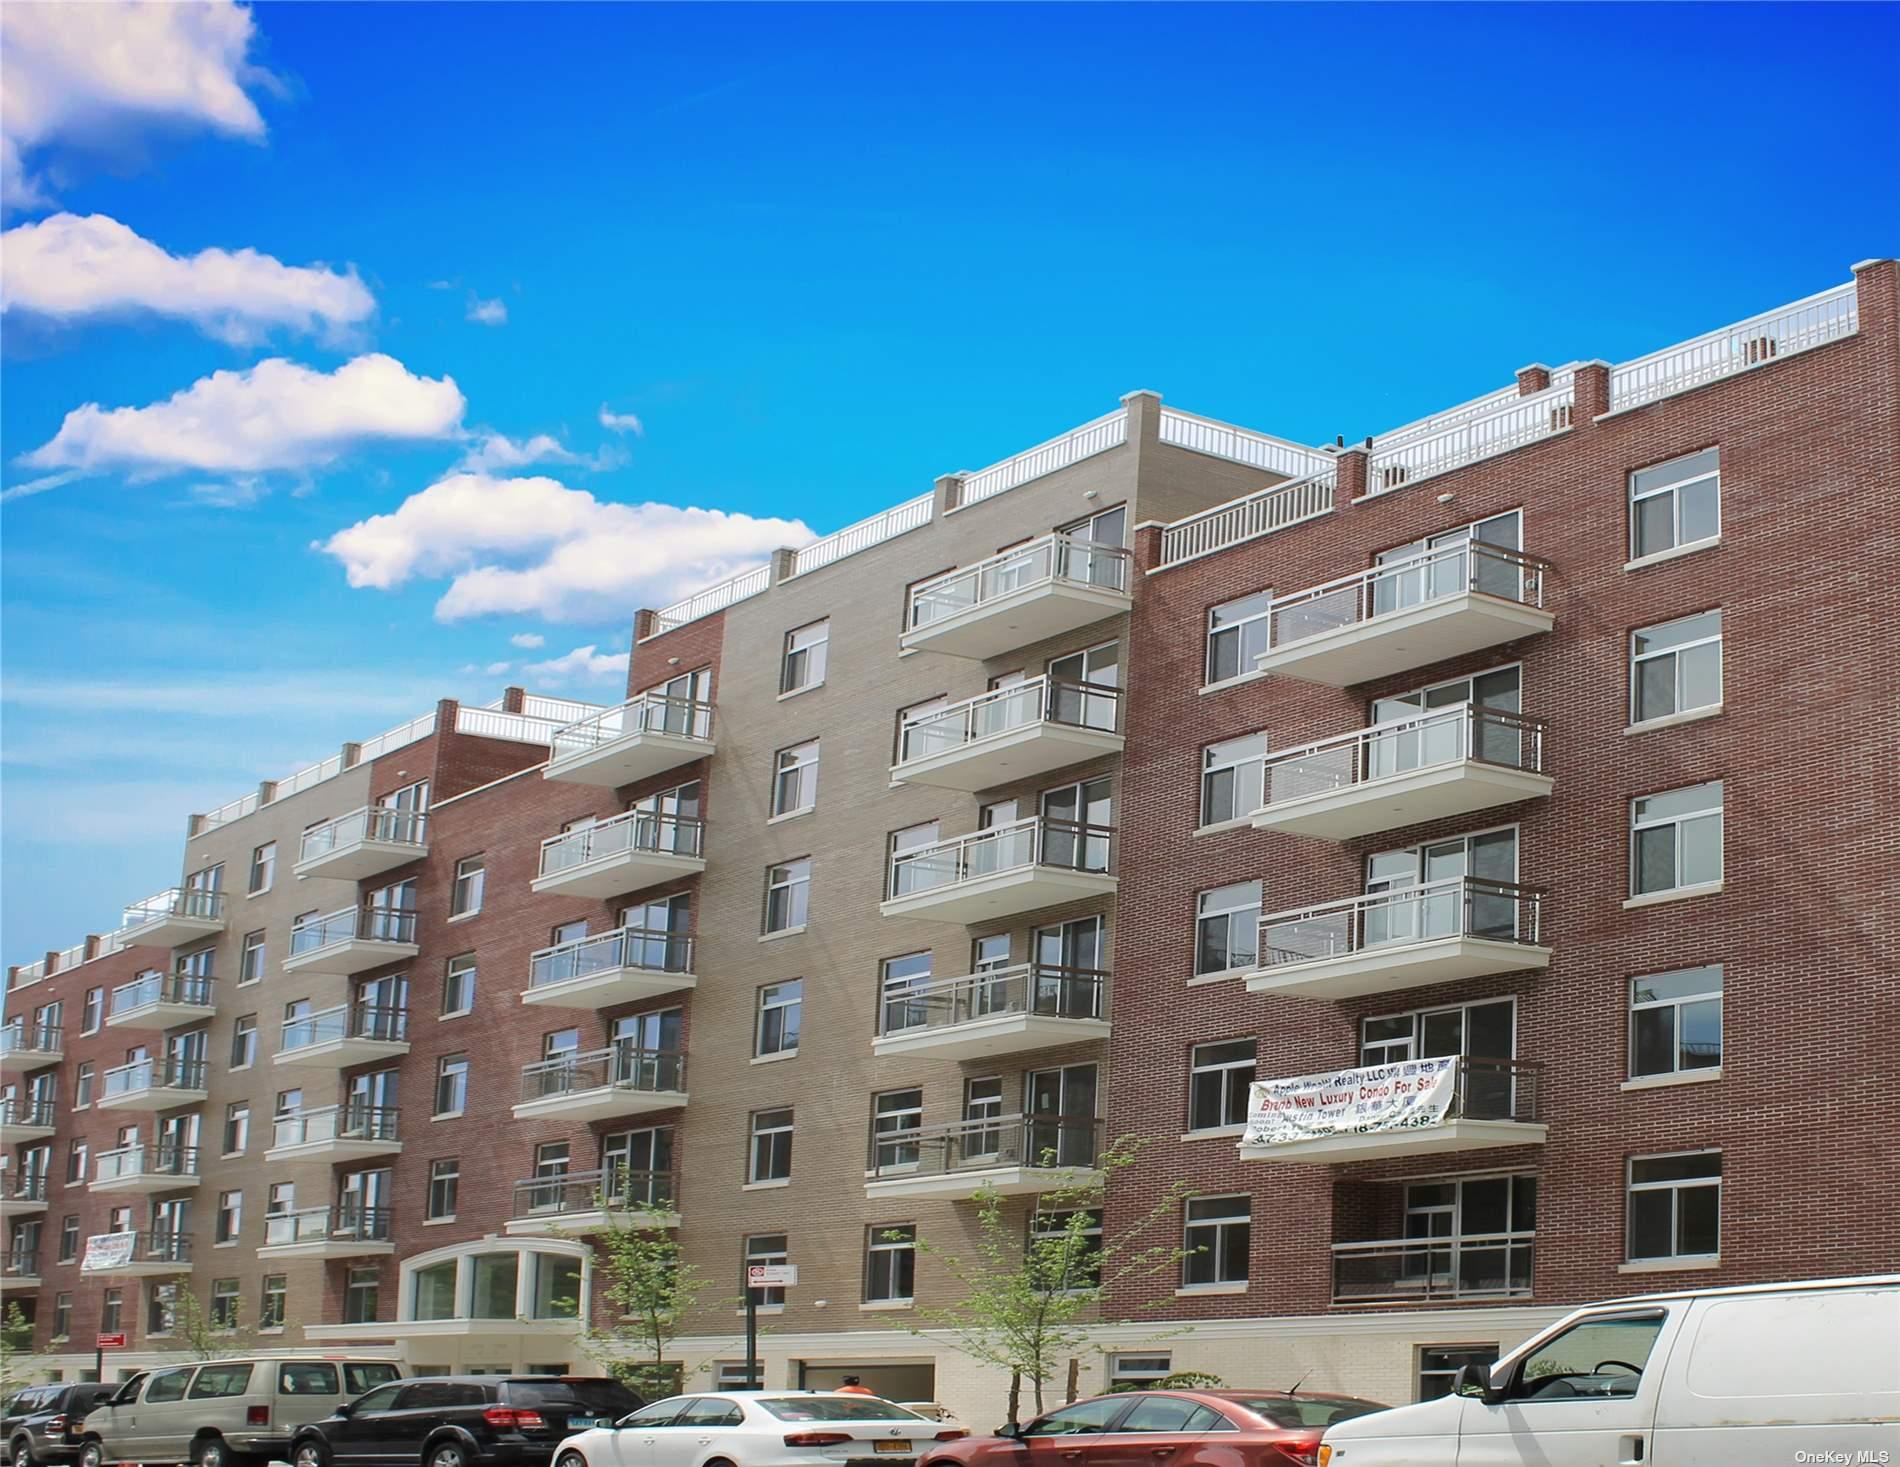 65-38 Austin Street, Rego Park, New York11374 | Residential For Sale